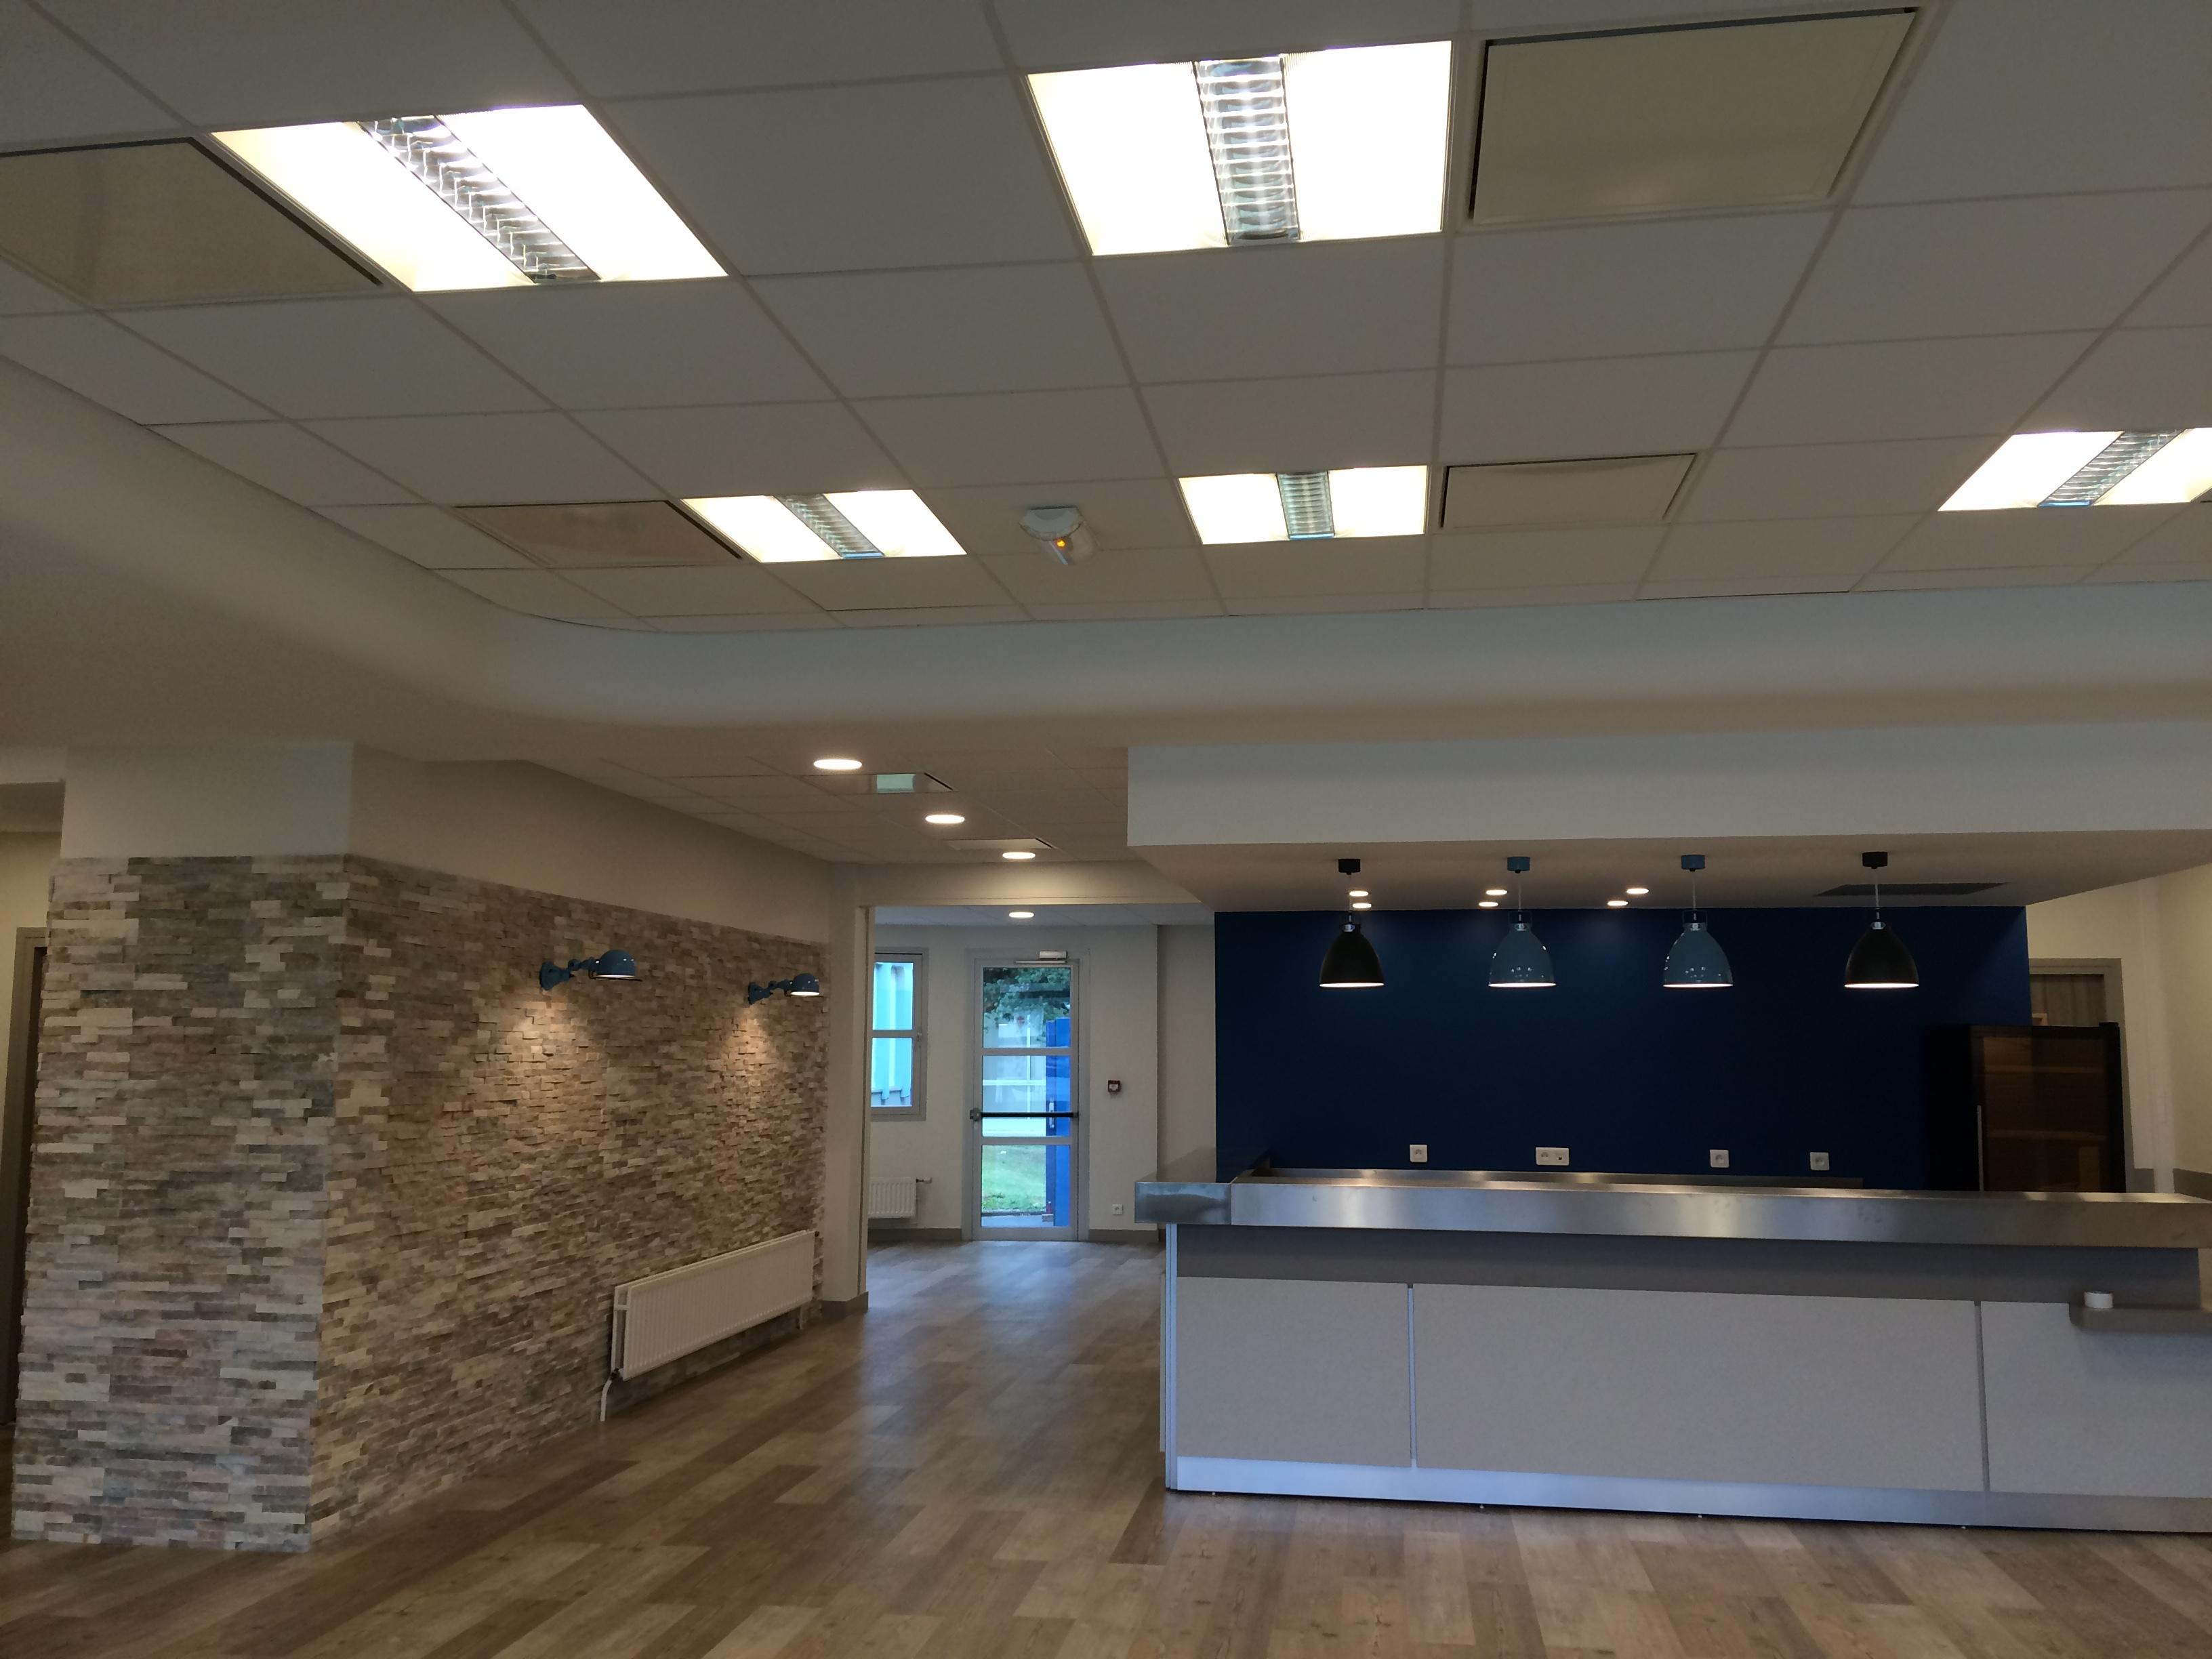 L'entreprise d'électricité générale Sedelec électricité a été missionnée pour effectuer la rénovation et l'installation électrique complète du restaurant pédagogique IFA à Mont-Saint-Aignan (Secteur Rouen - Seine-Maritime)